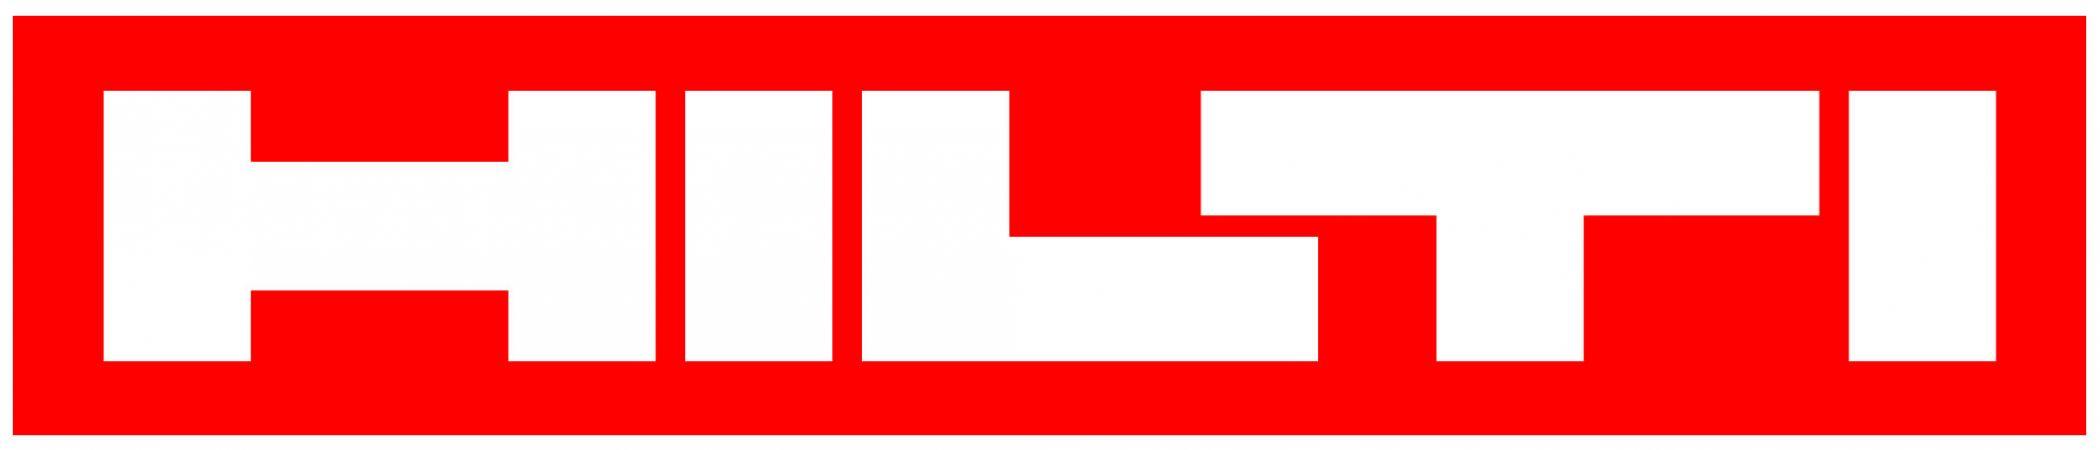 logo hilti schweiz - zenbau.ro